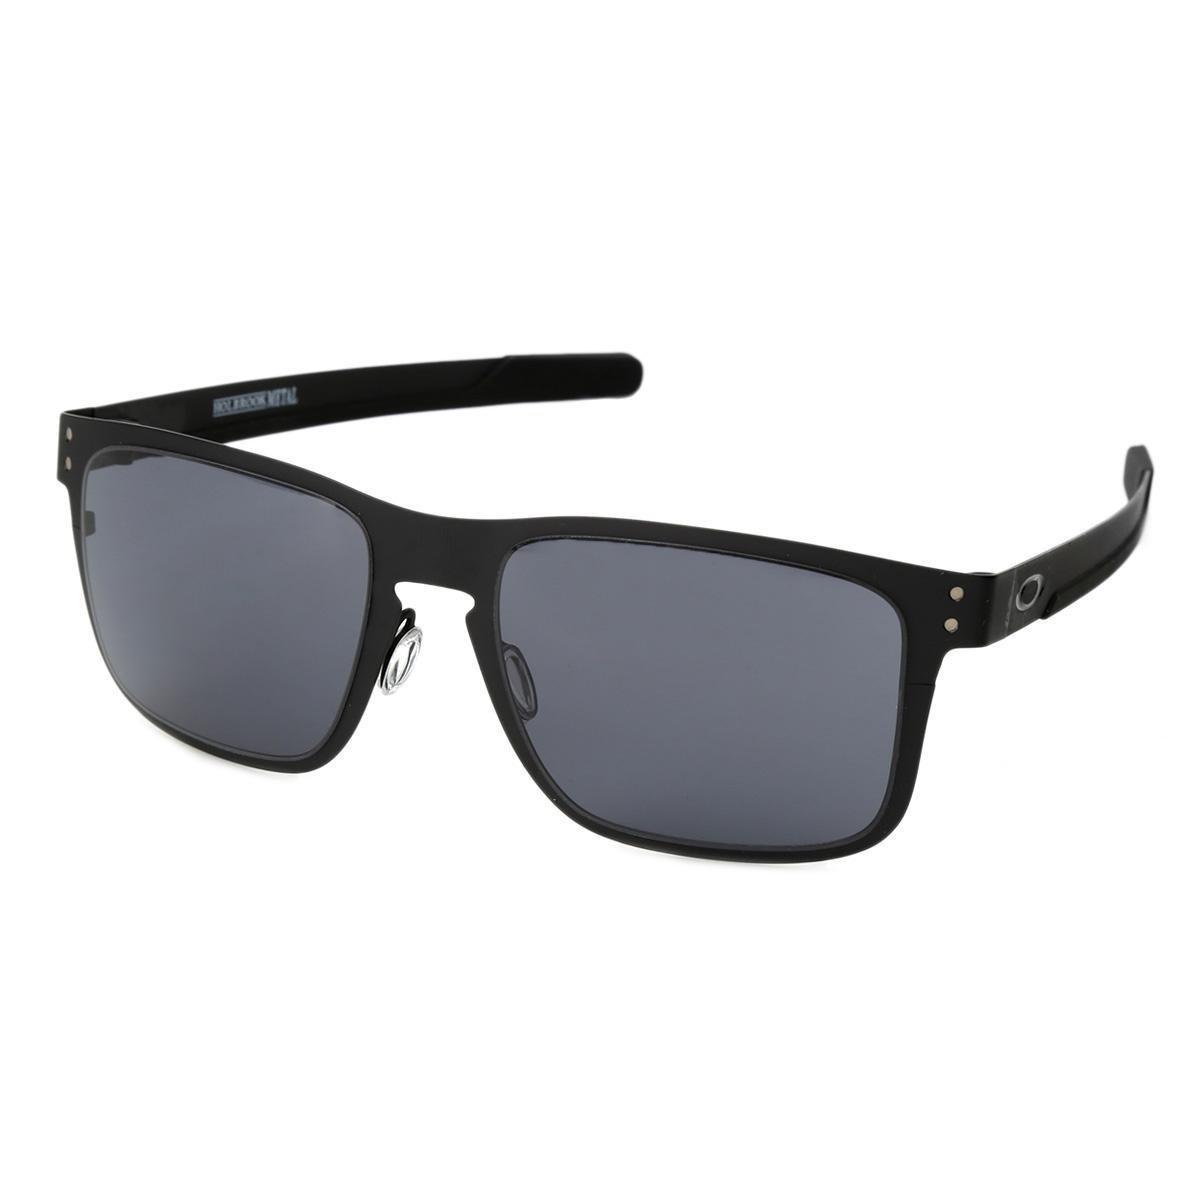 Óculos de Sol Oakley Holbrook Metal Masculino - Cinza - Compre Agora ... 3e8e33ed44